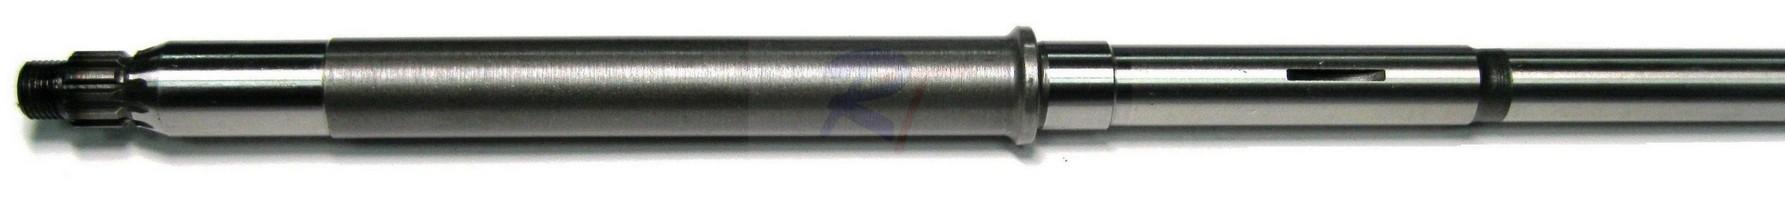 RTT-350-64301-0. Вал ведущий, вертикальный RTT-350-64301-0